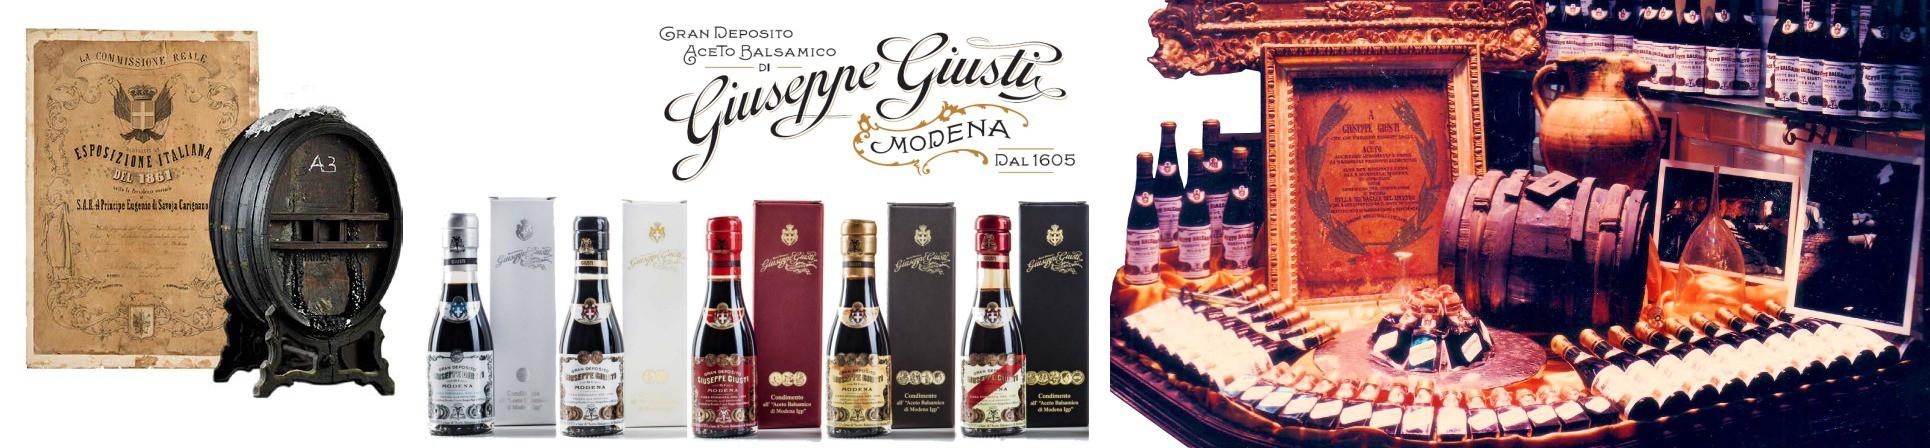 B2B GUSTOX - il Marketplace all'ingrosso delle eccellenze agroalimentari italiane - Acetaia Giuseppe Giusti Modena dal 1605